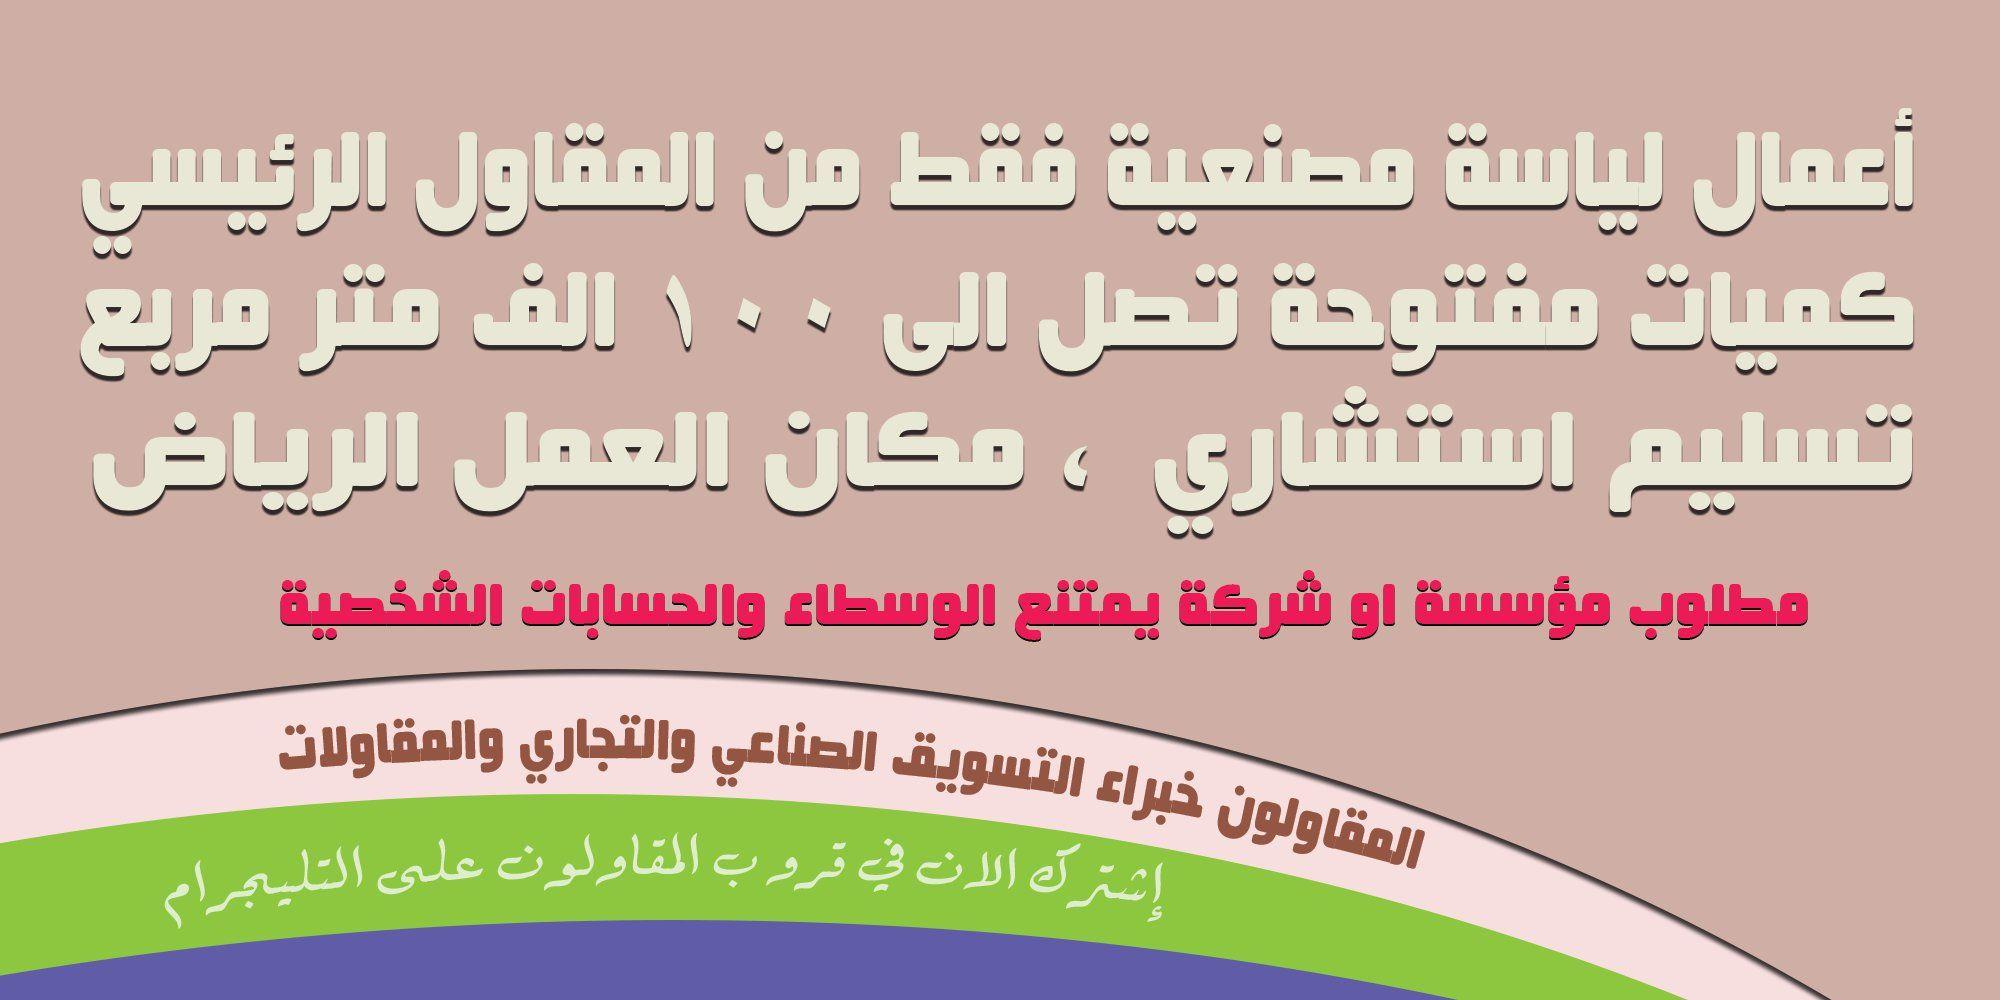 أعمال لياسة مصنعية فقط من المقاول الرئيسي كميات مفتوحة تصل الى 100 الف متر مربع تسليم استشاري   مكان العمل الرياض http://bit.ly/2hVKemK